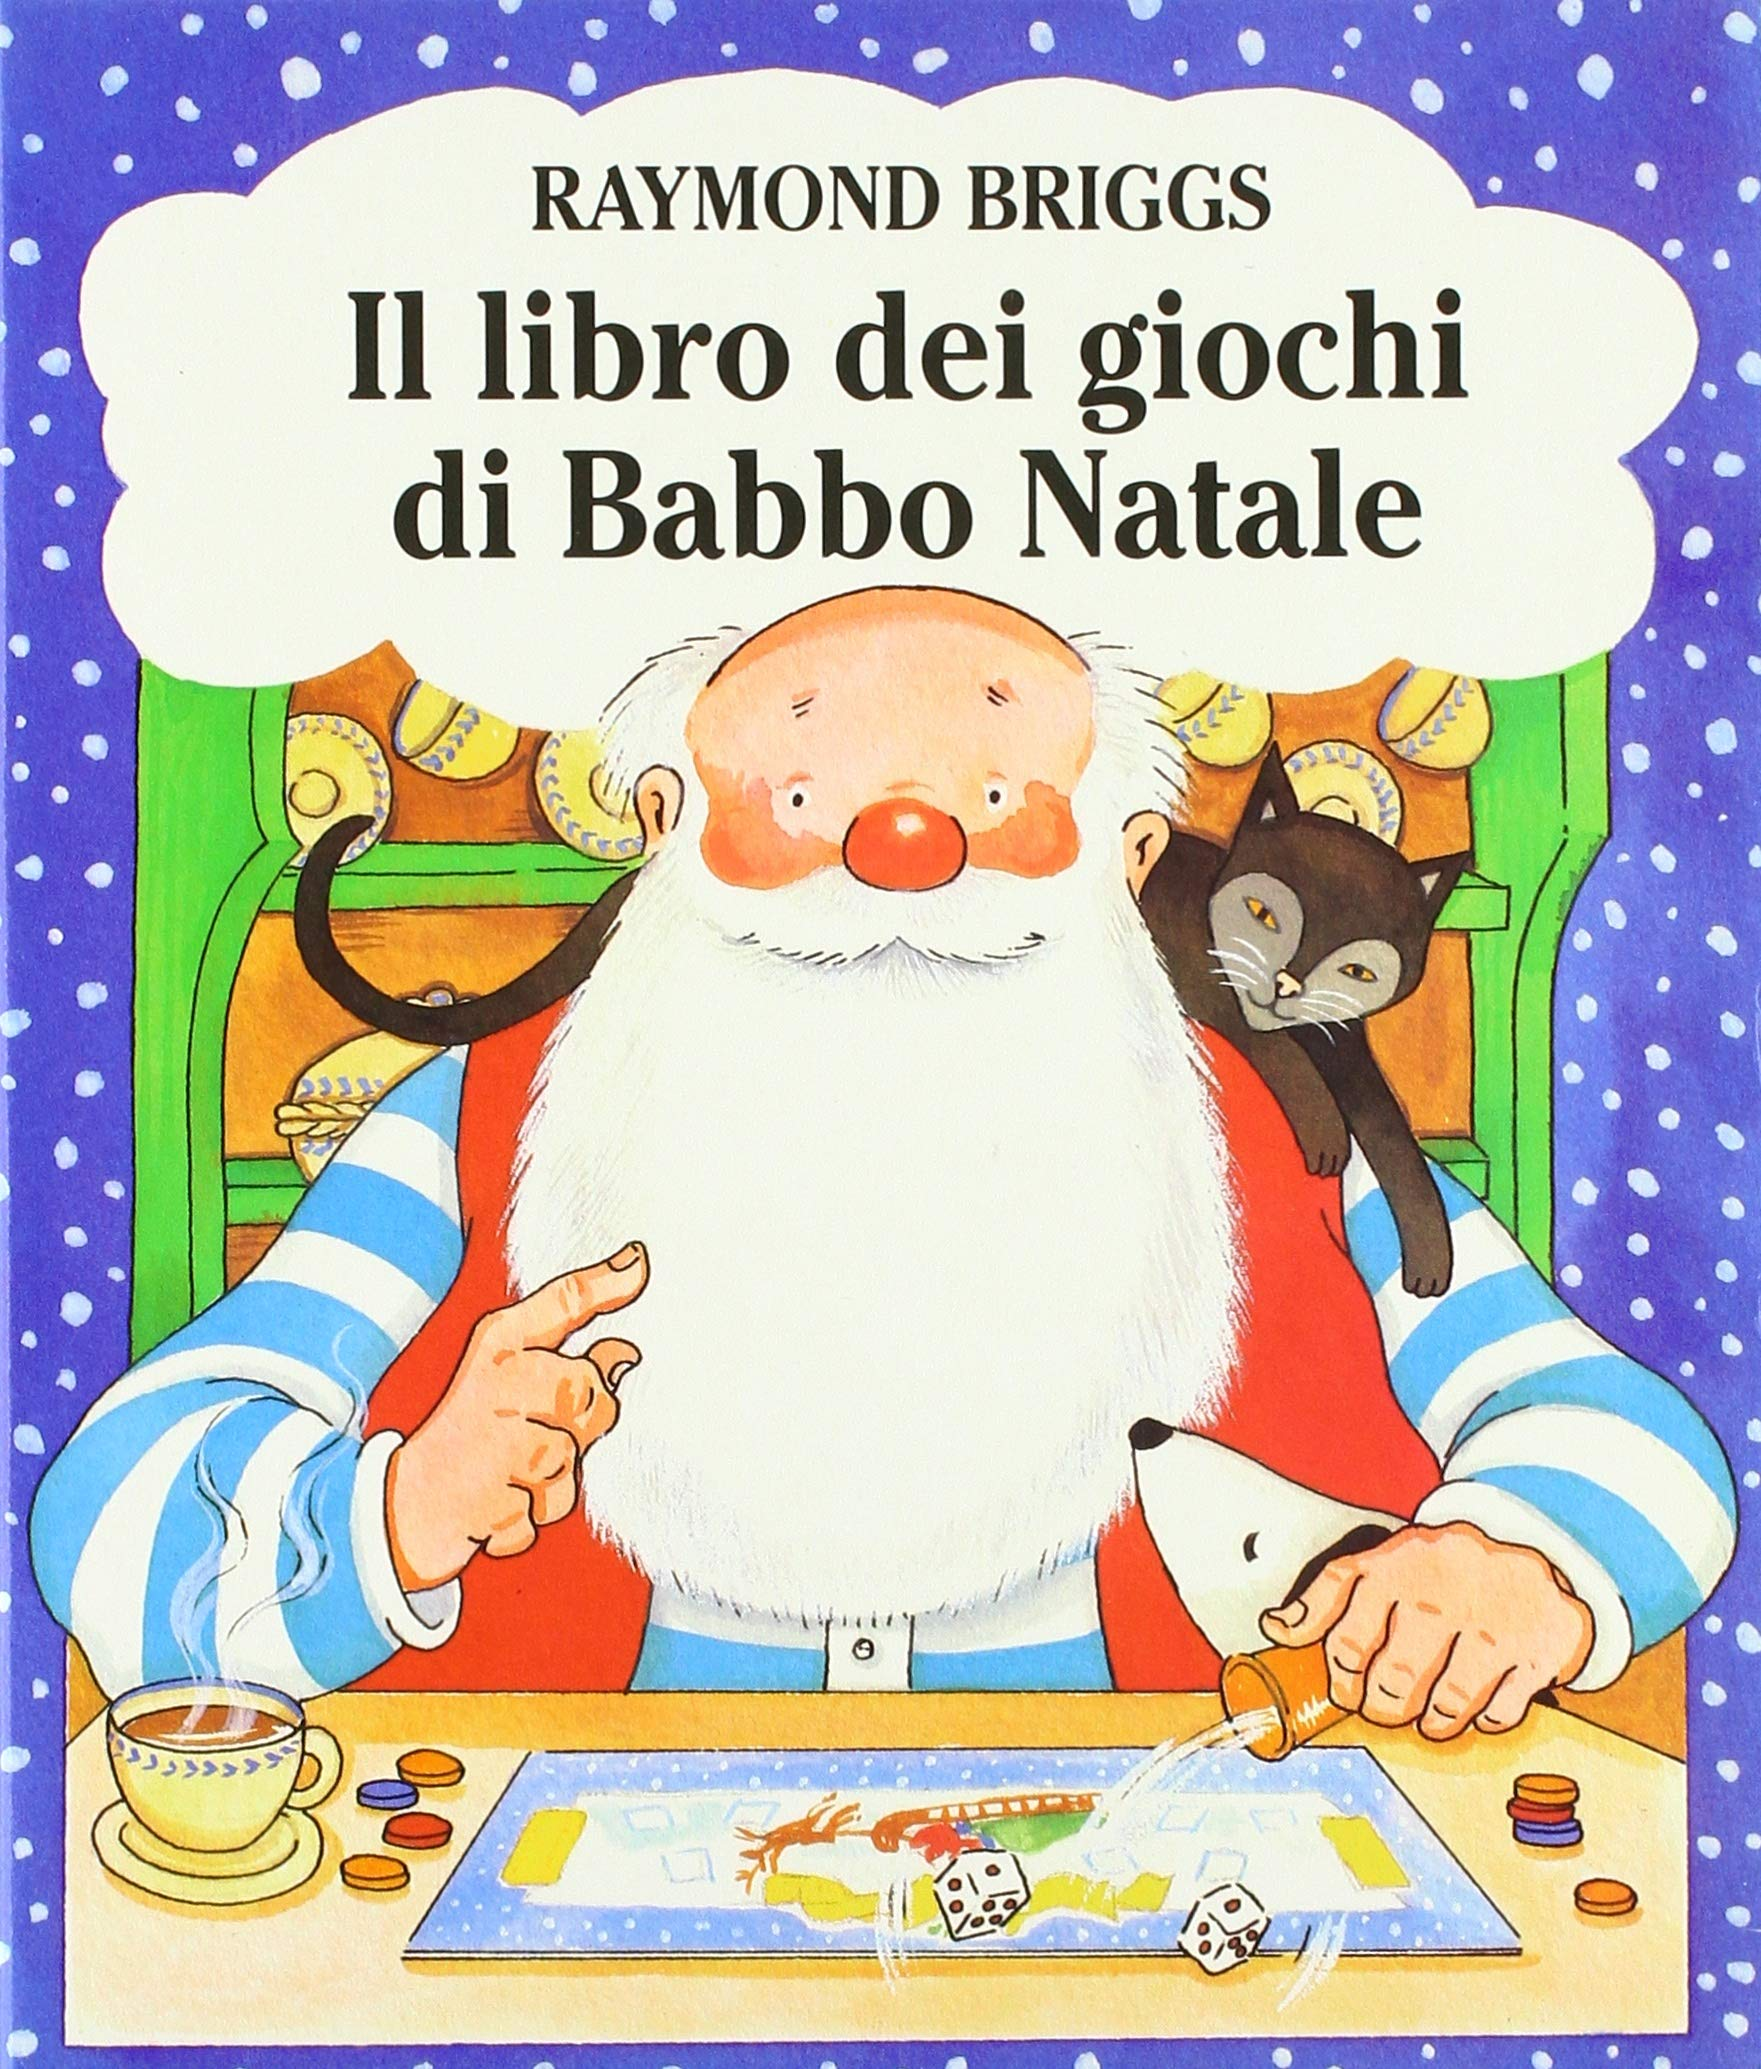 Immagini Dei Giochi Di Natale.Amazon It Il Libro Dei Giochi Di Babbo Natale Raymond